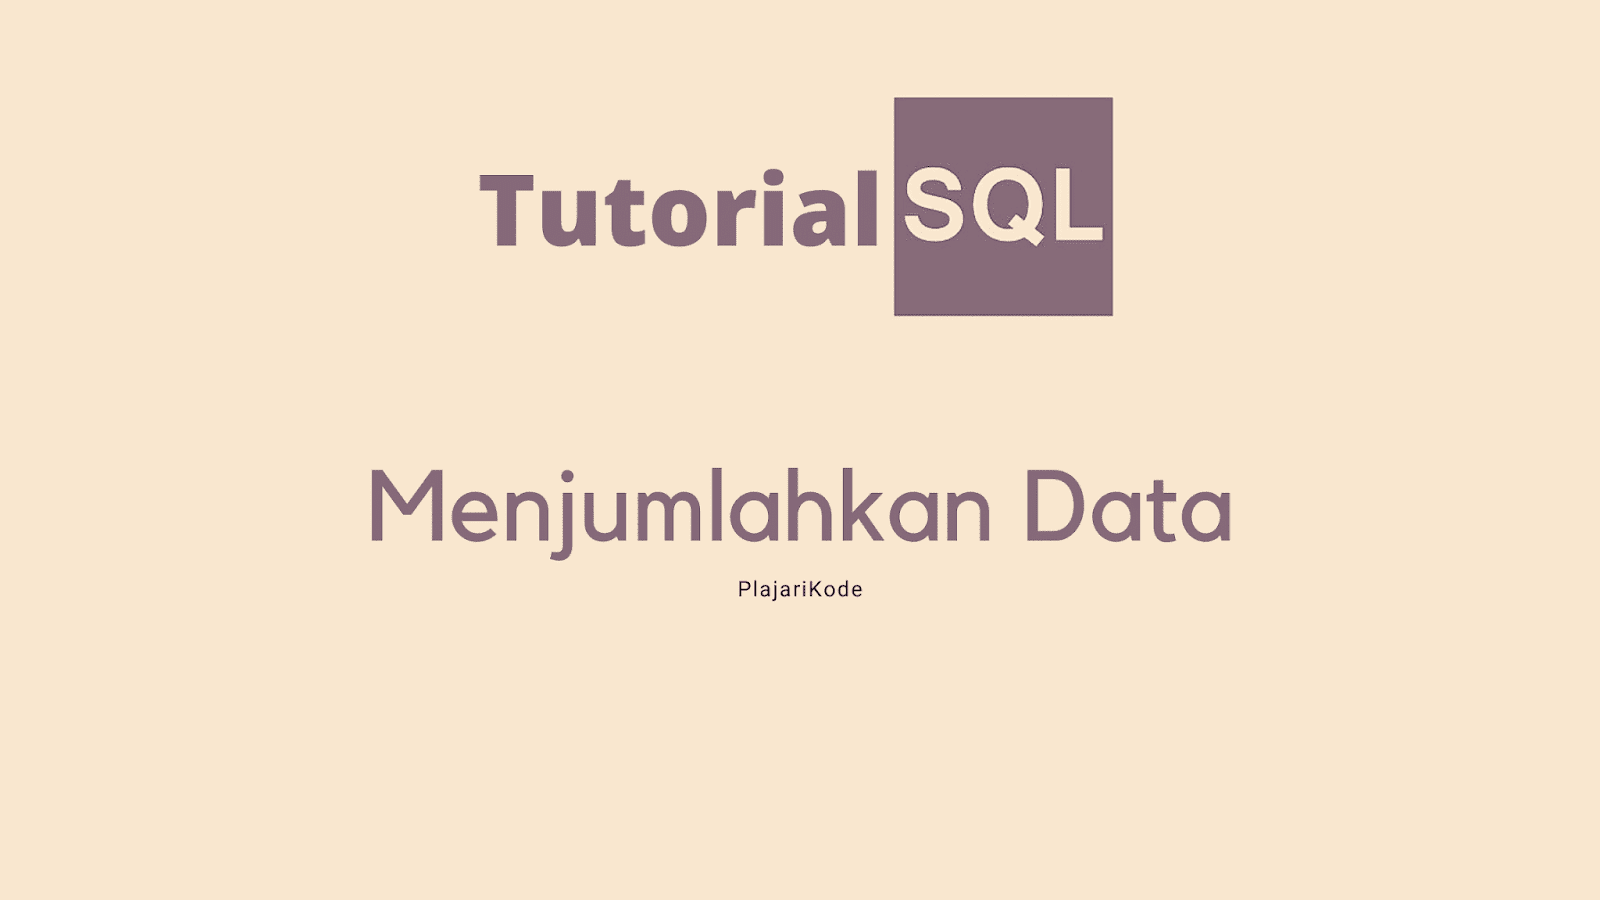 PlajariKode - Menjumlahkan data pada SQL